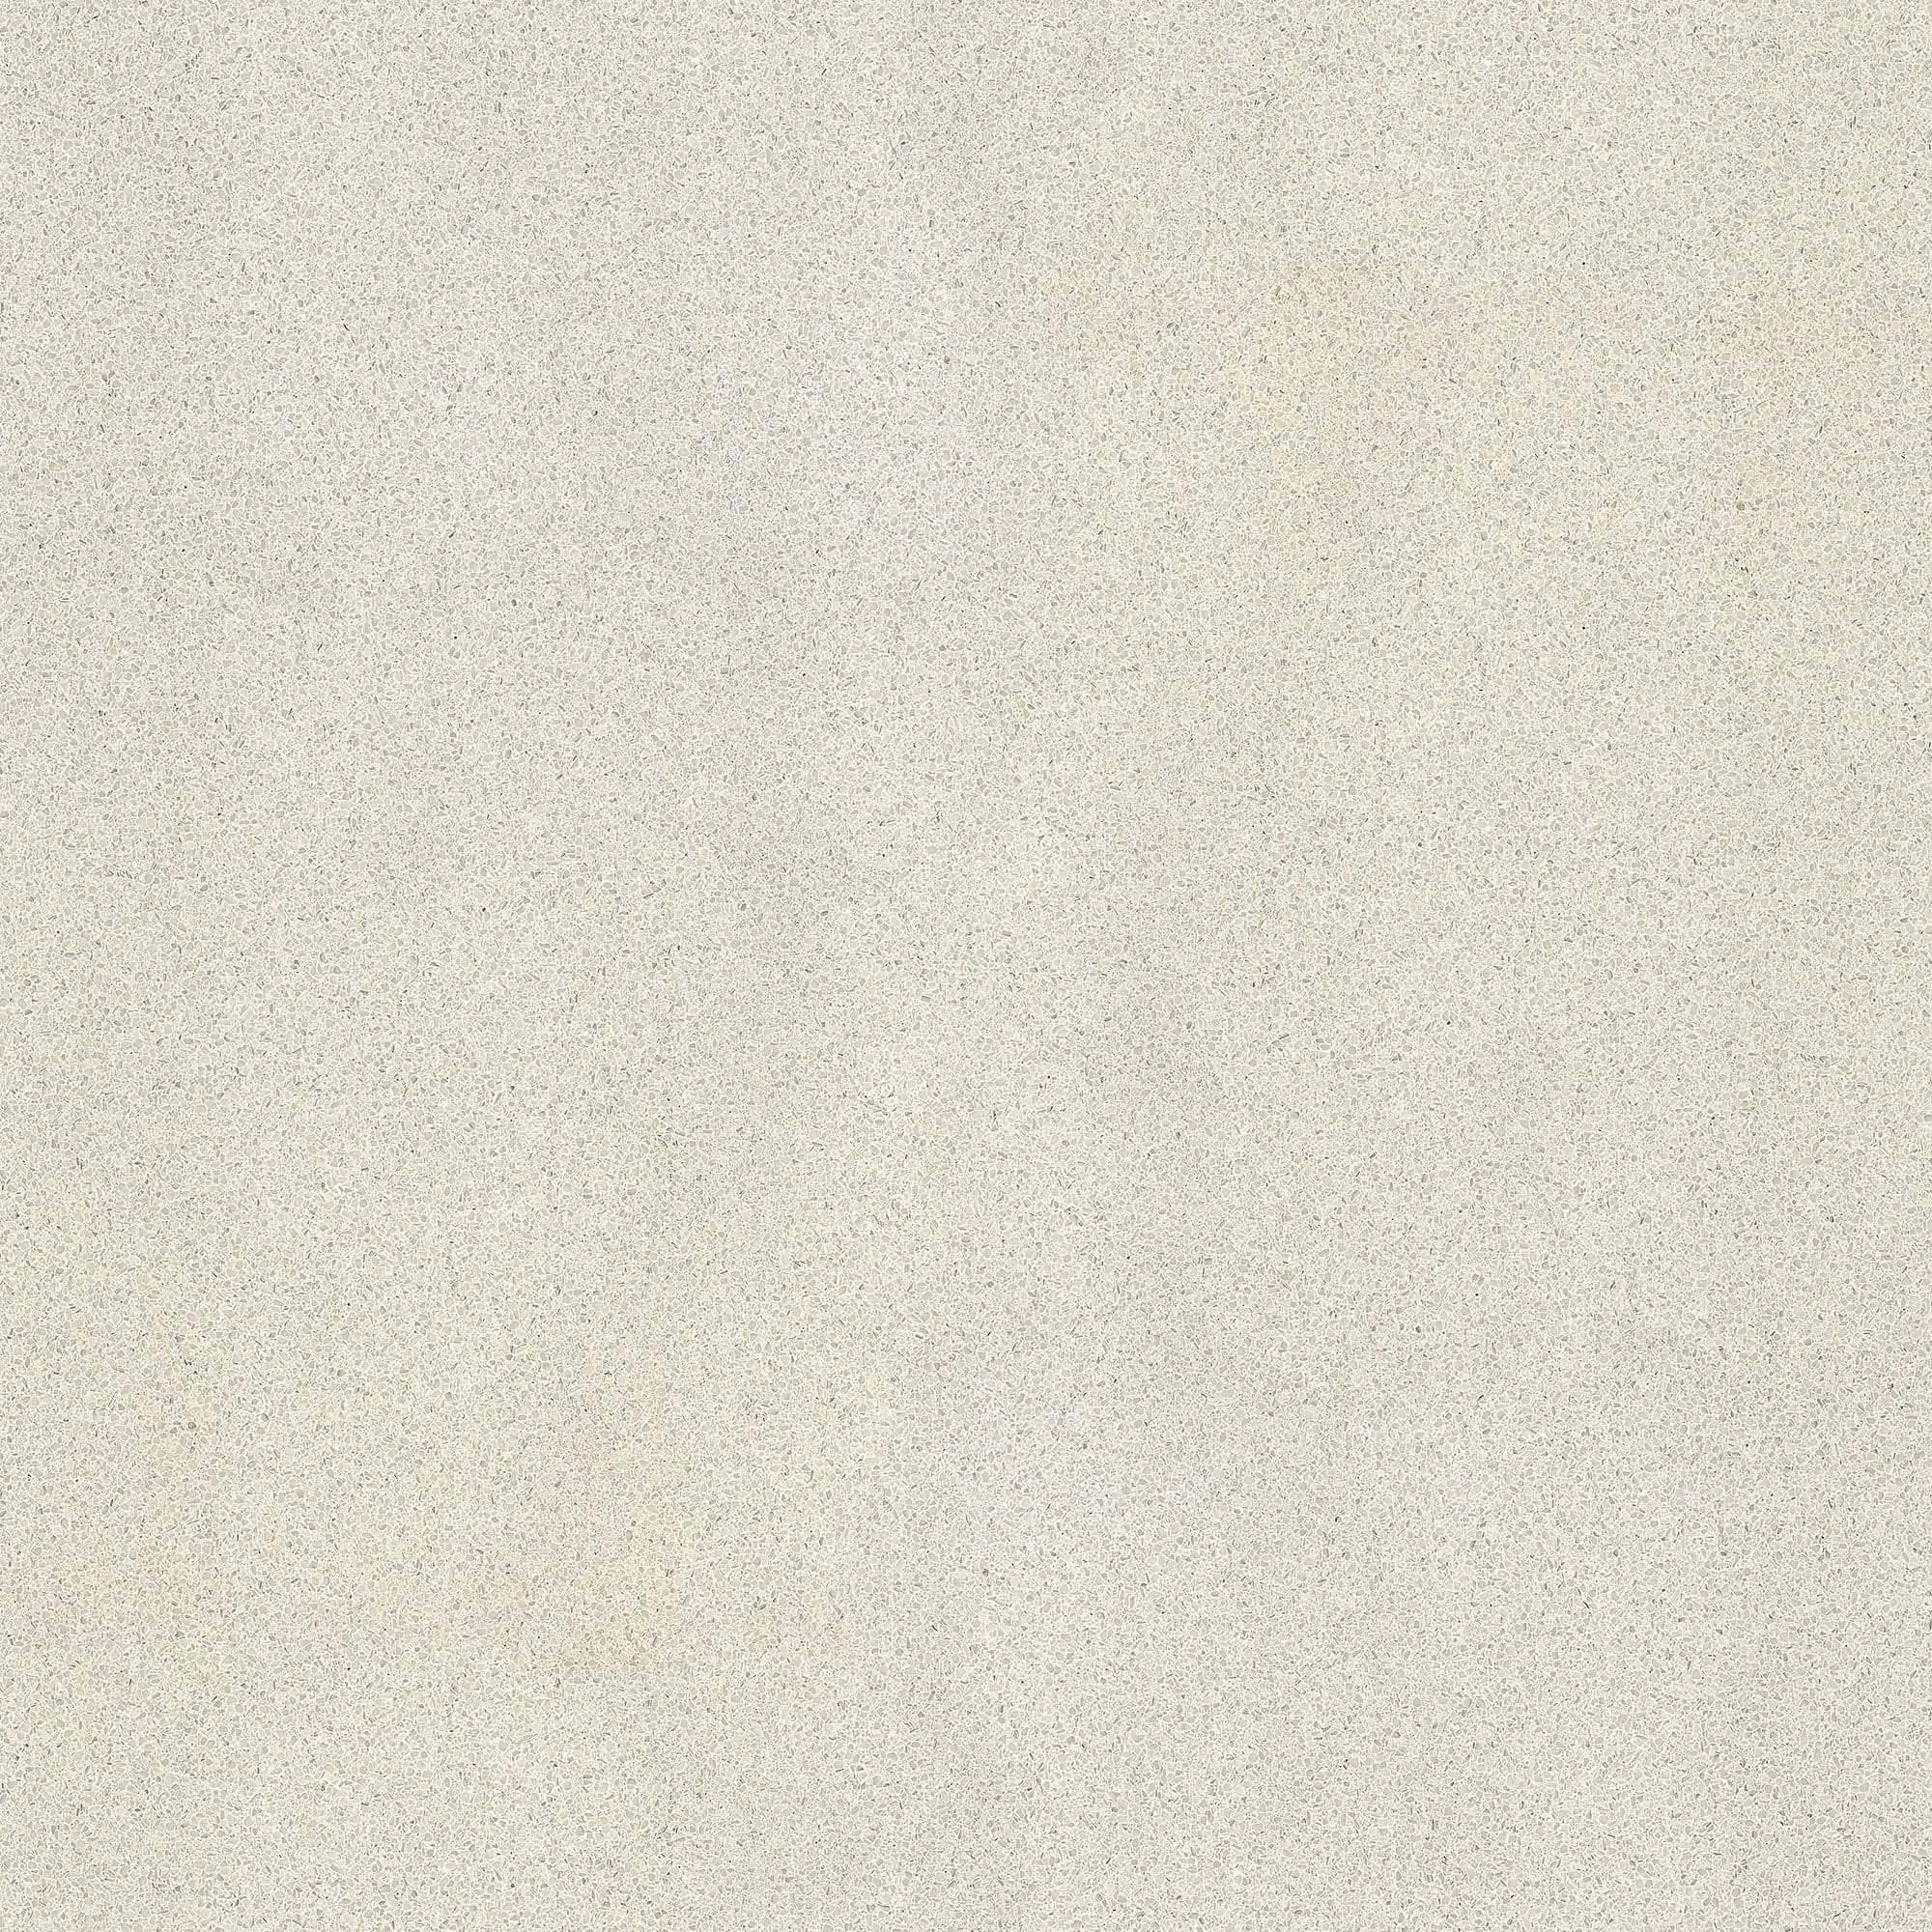 Ref 1662 Warm White